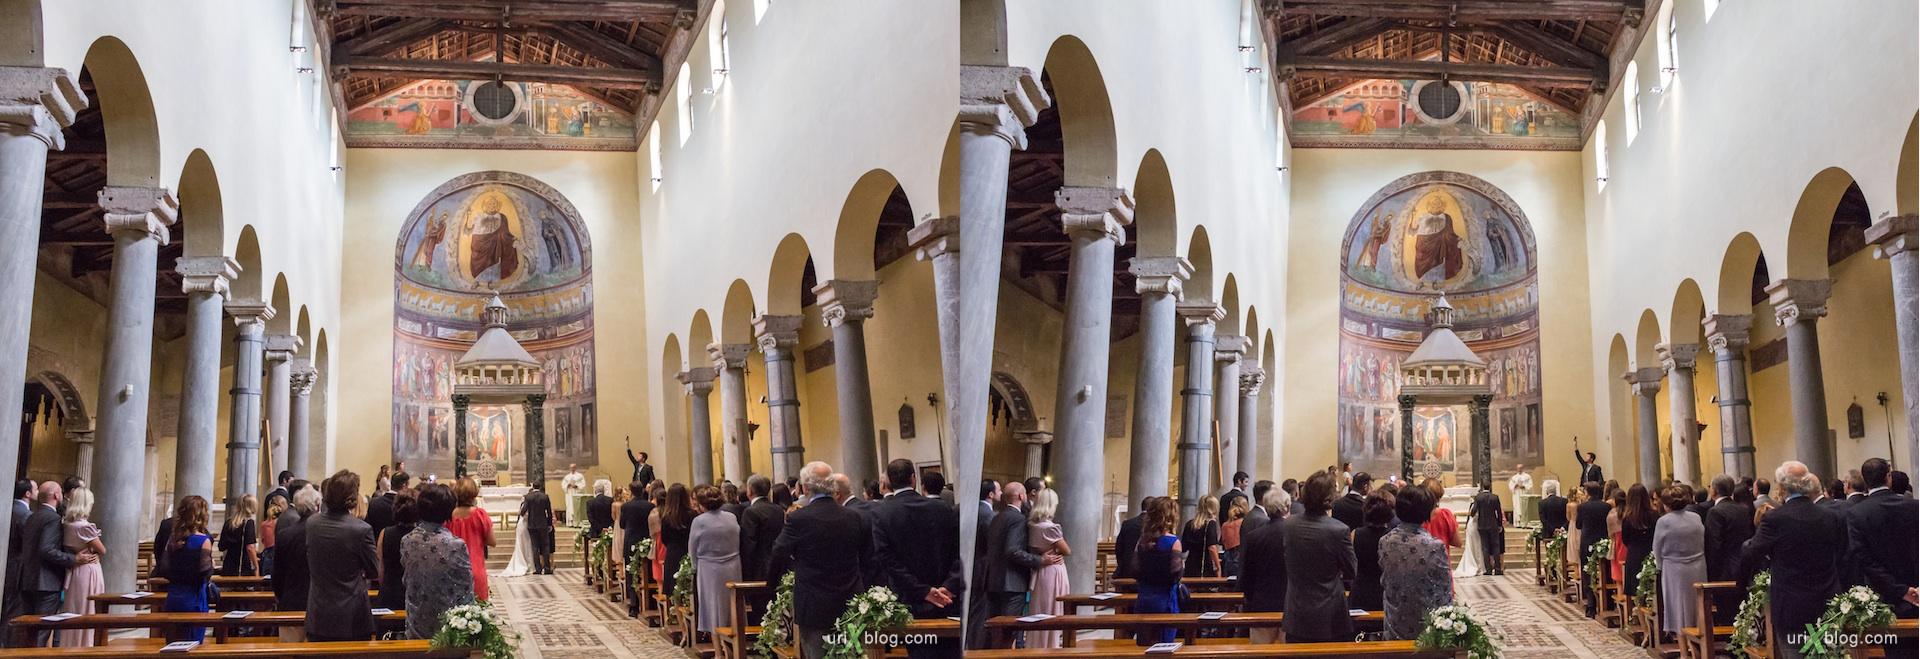 2012, свадьба, церковь di San Saba, собор, христианство, католичество, Рим, Италия, осень, 3D, перекрёстные стереопары, стерео, стереопара, стереопары